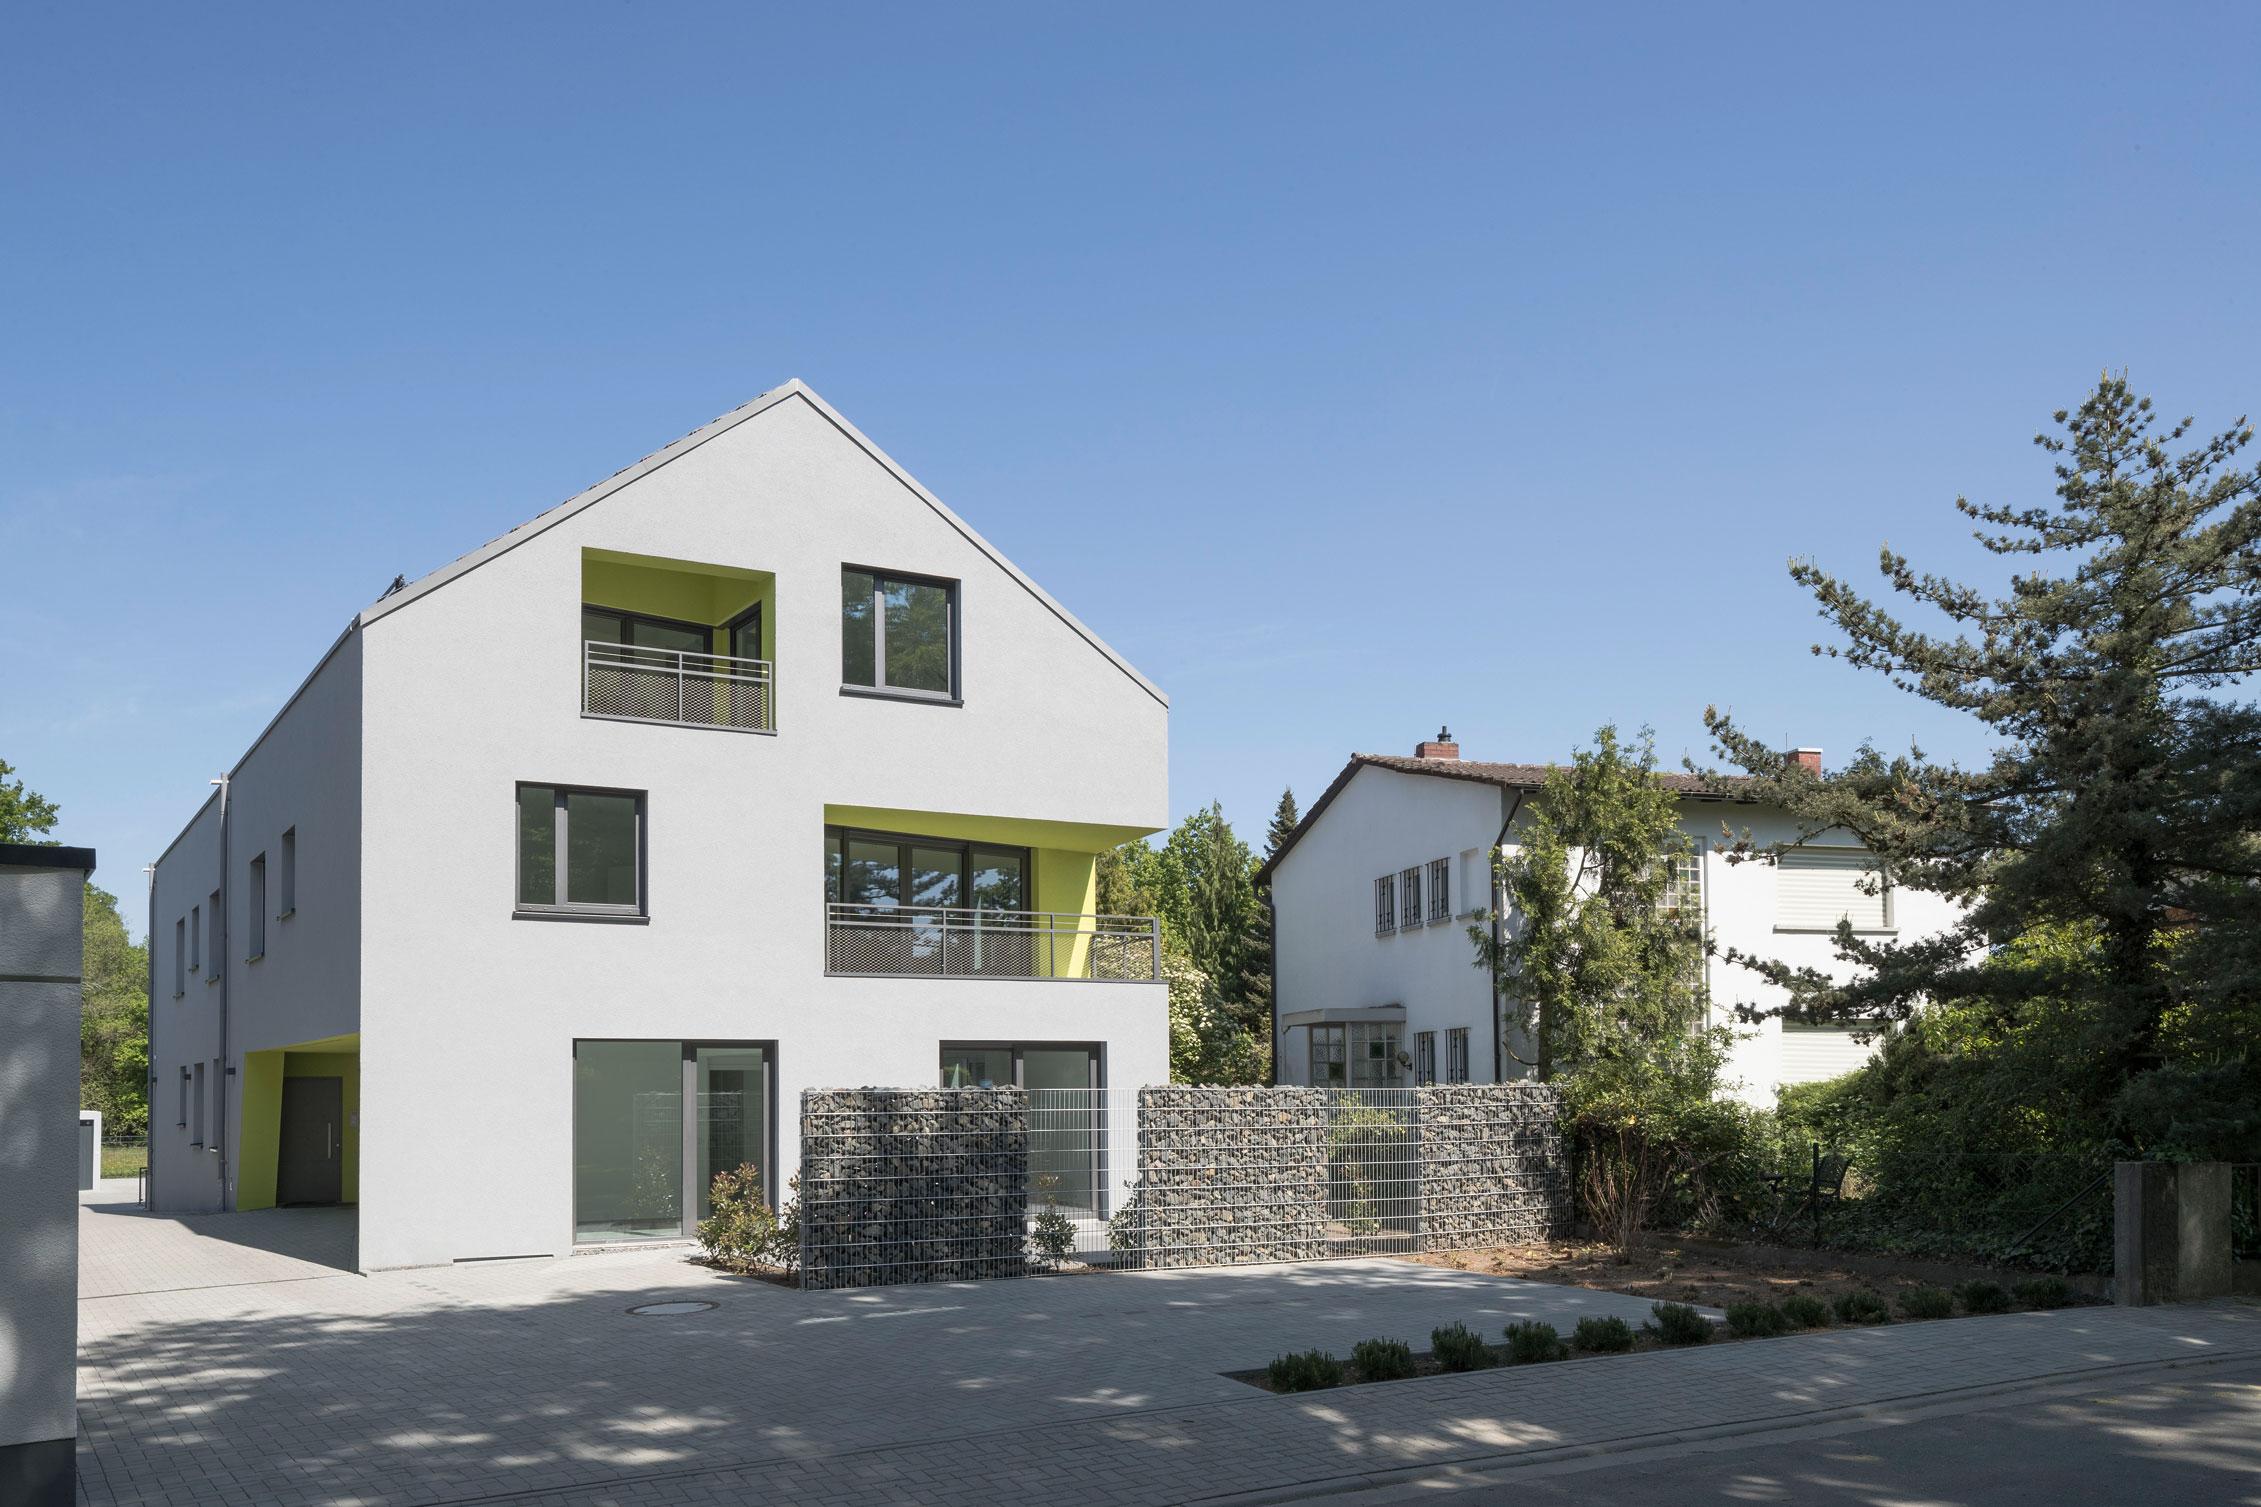 Neubau Mehrfamilienhaus Ansicht Vorne